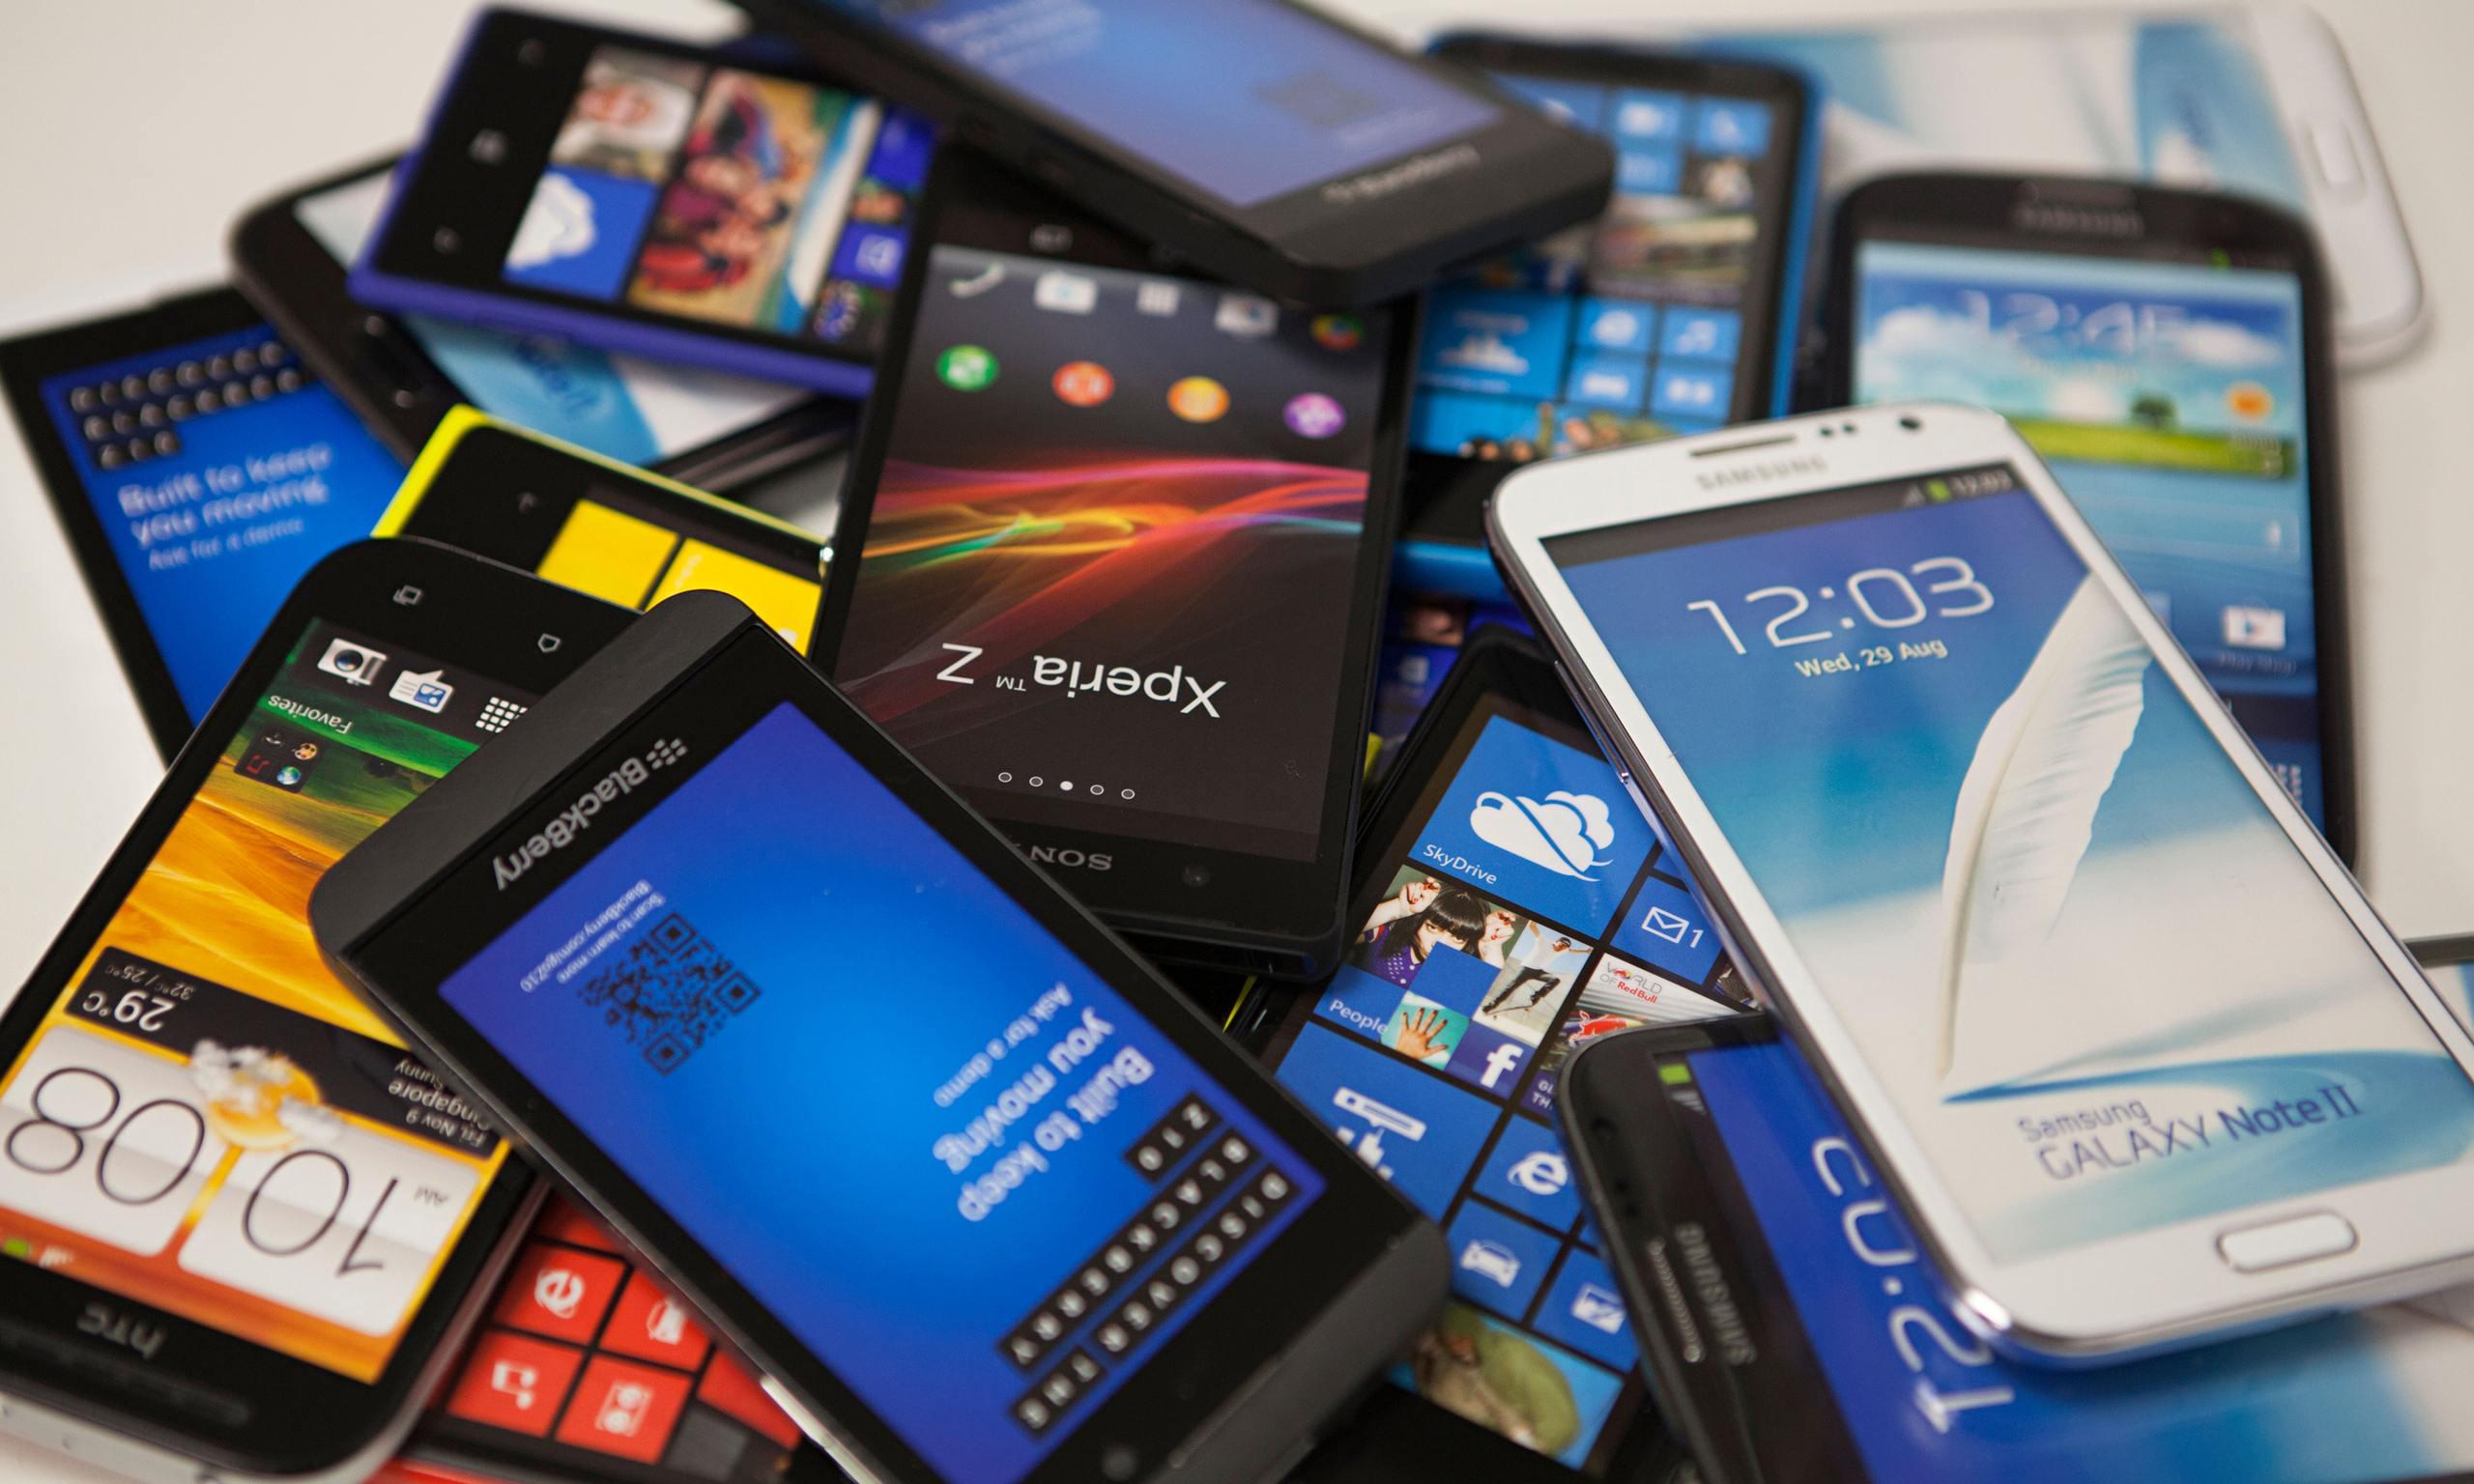 7 de cada 10 smartphones en Argentina cuentan con tecnología LTE